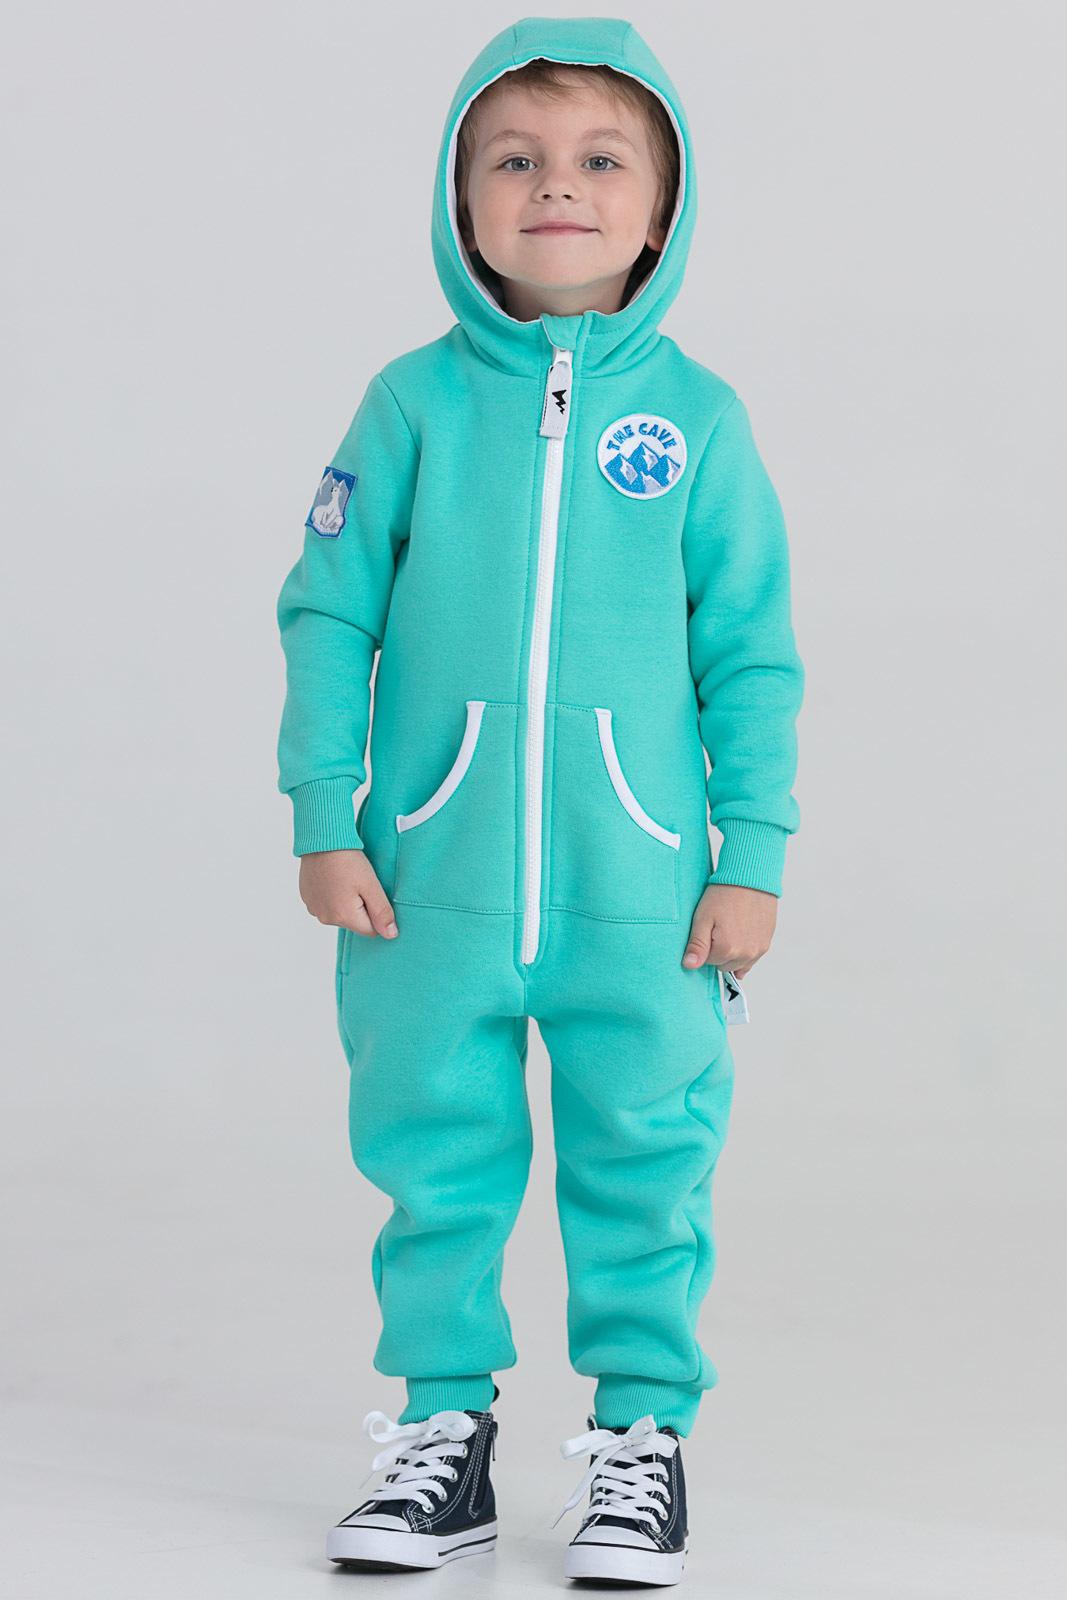 Детская домашняя одежда The Cave Детский комбинезон Darrel Цвет: Мята (2-3 года) флисовый комбинезон детский 2 года